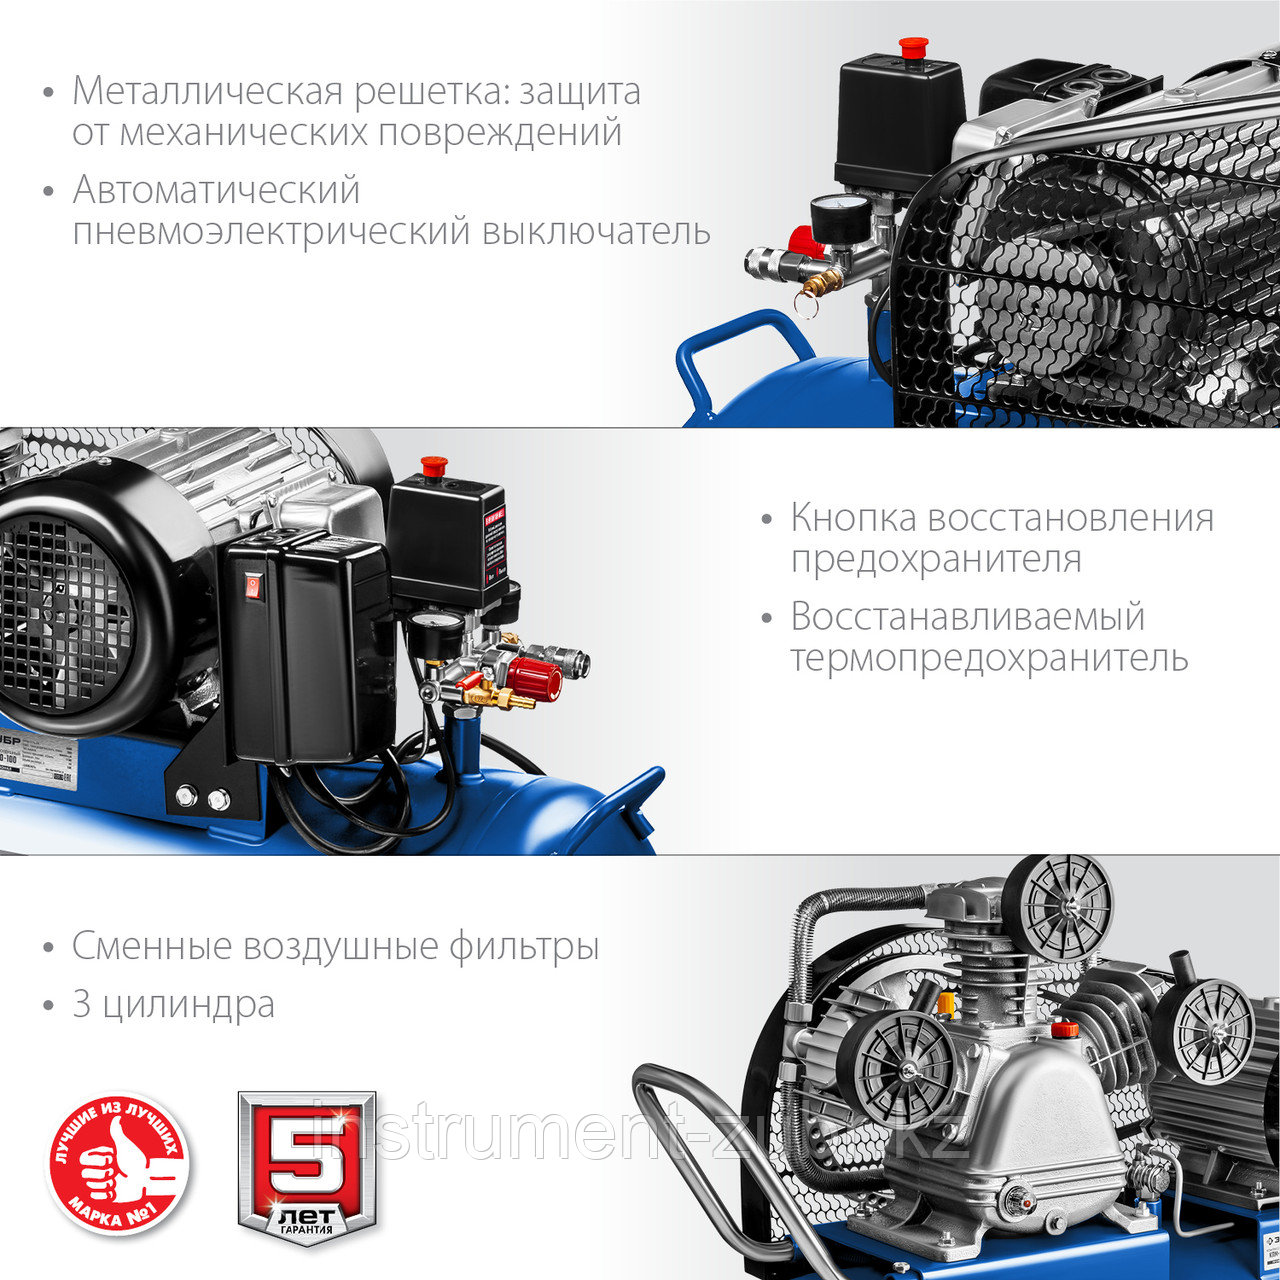 Компрессор ременной, 380 В, 530 л/мин, 100 л, 3000 Вт, ЗУБР - фото 6